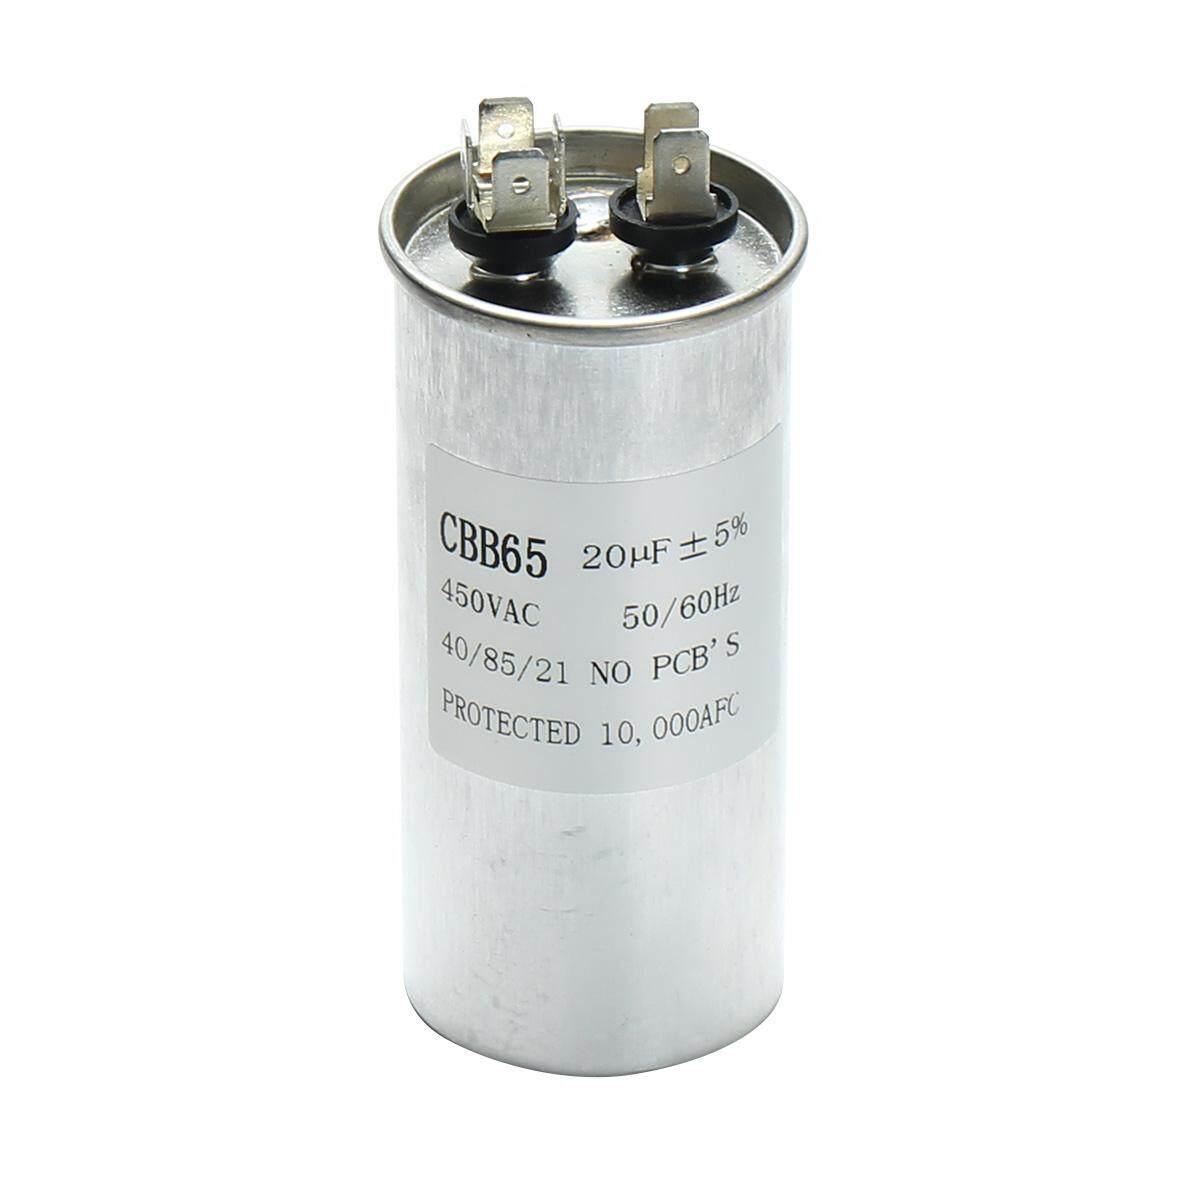 Hình ảnh 20uF CBB65 450V AC 50/60HZ Air Motor Conditioner Compressor Start Capacitor